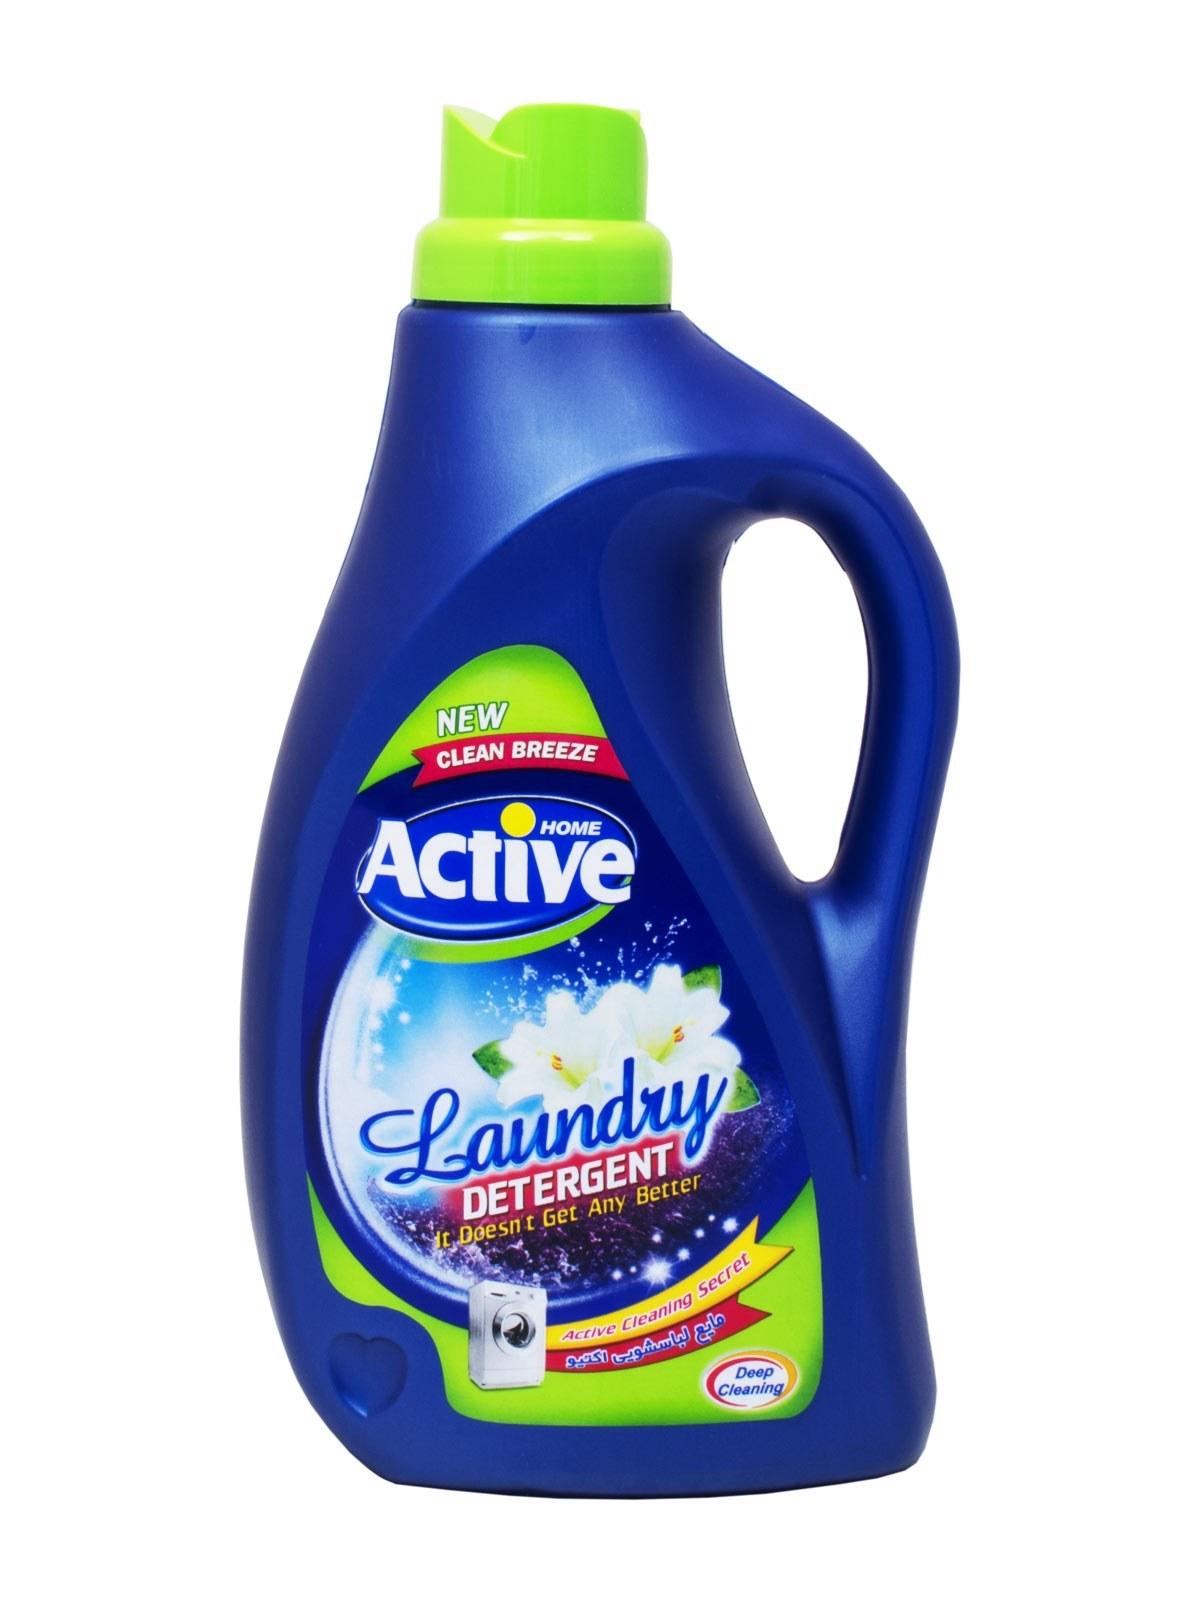 مایع لباسشویی اکتیو 2500 میلی لیتر (درب سبز رنگ) | Active Liquid Laundry Detergent 2500 ml